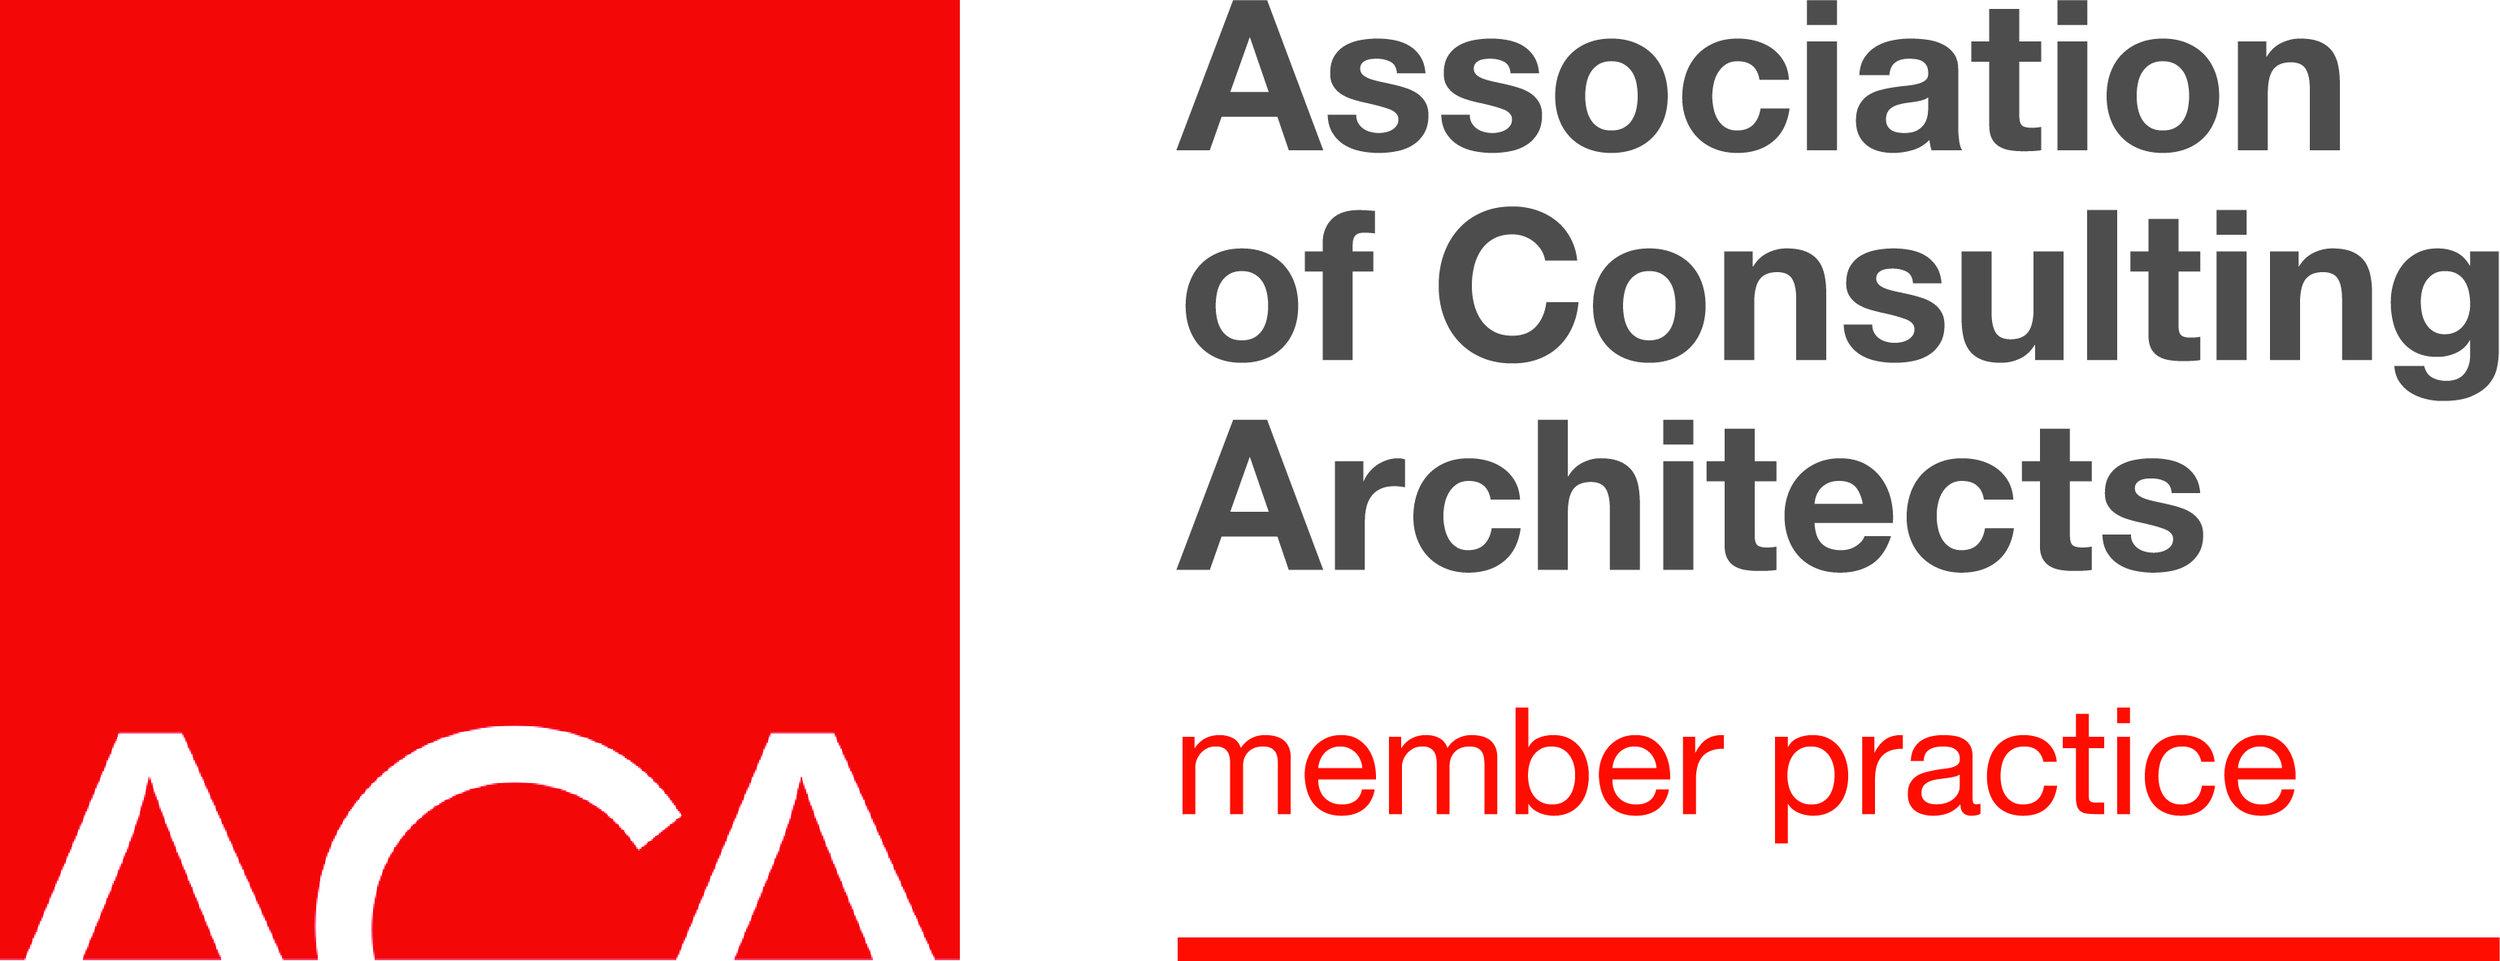 ACA-logo-sh-member.jpg